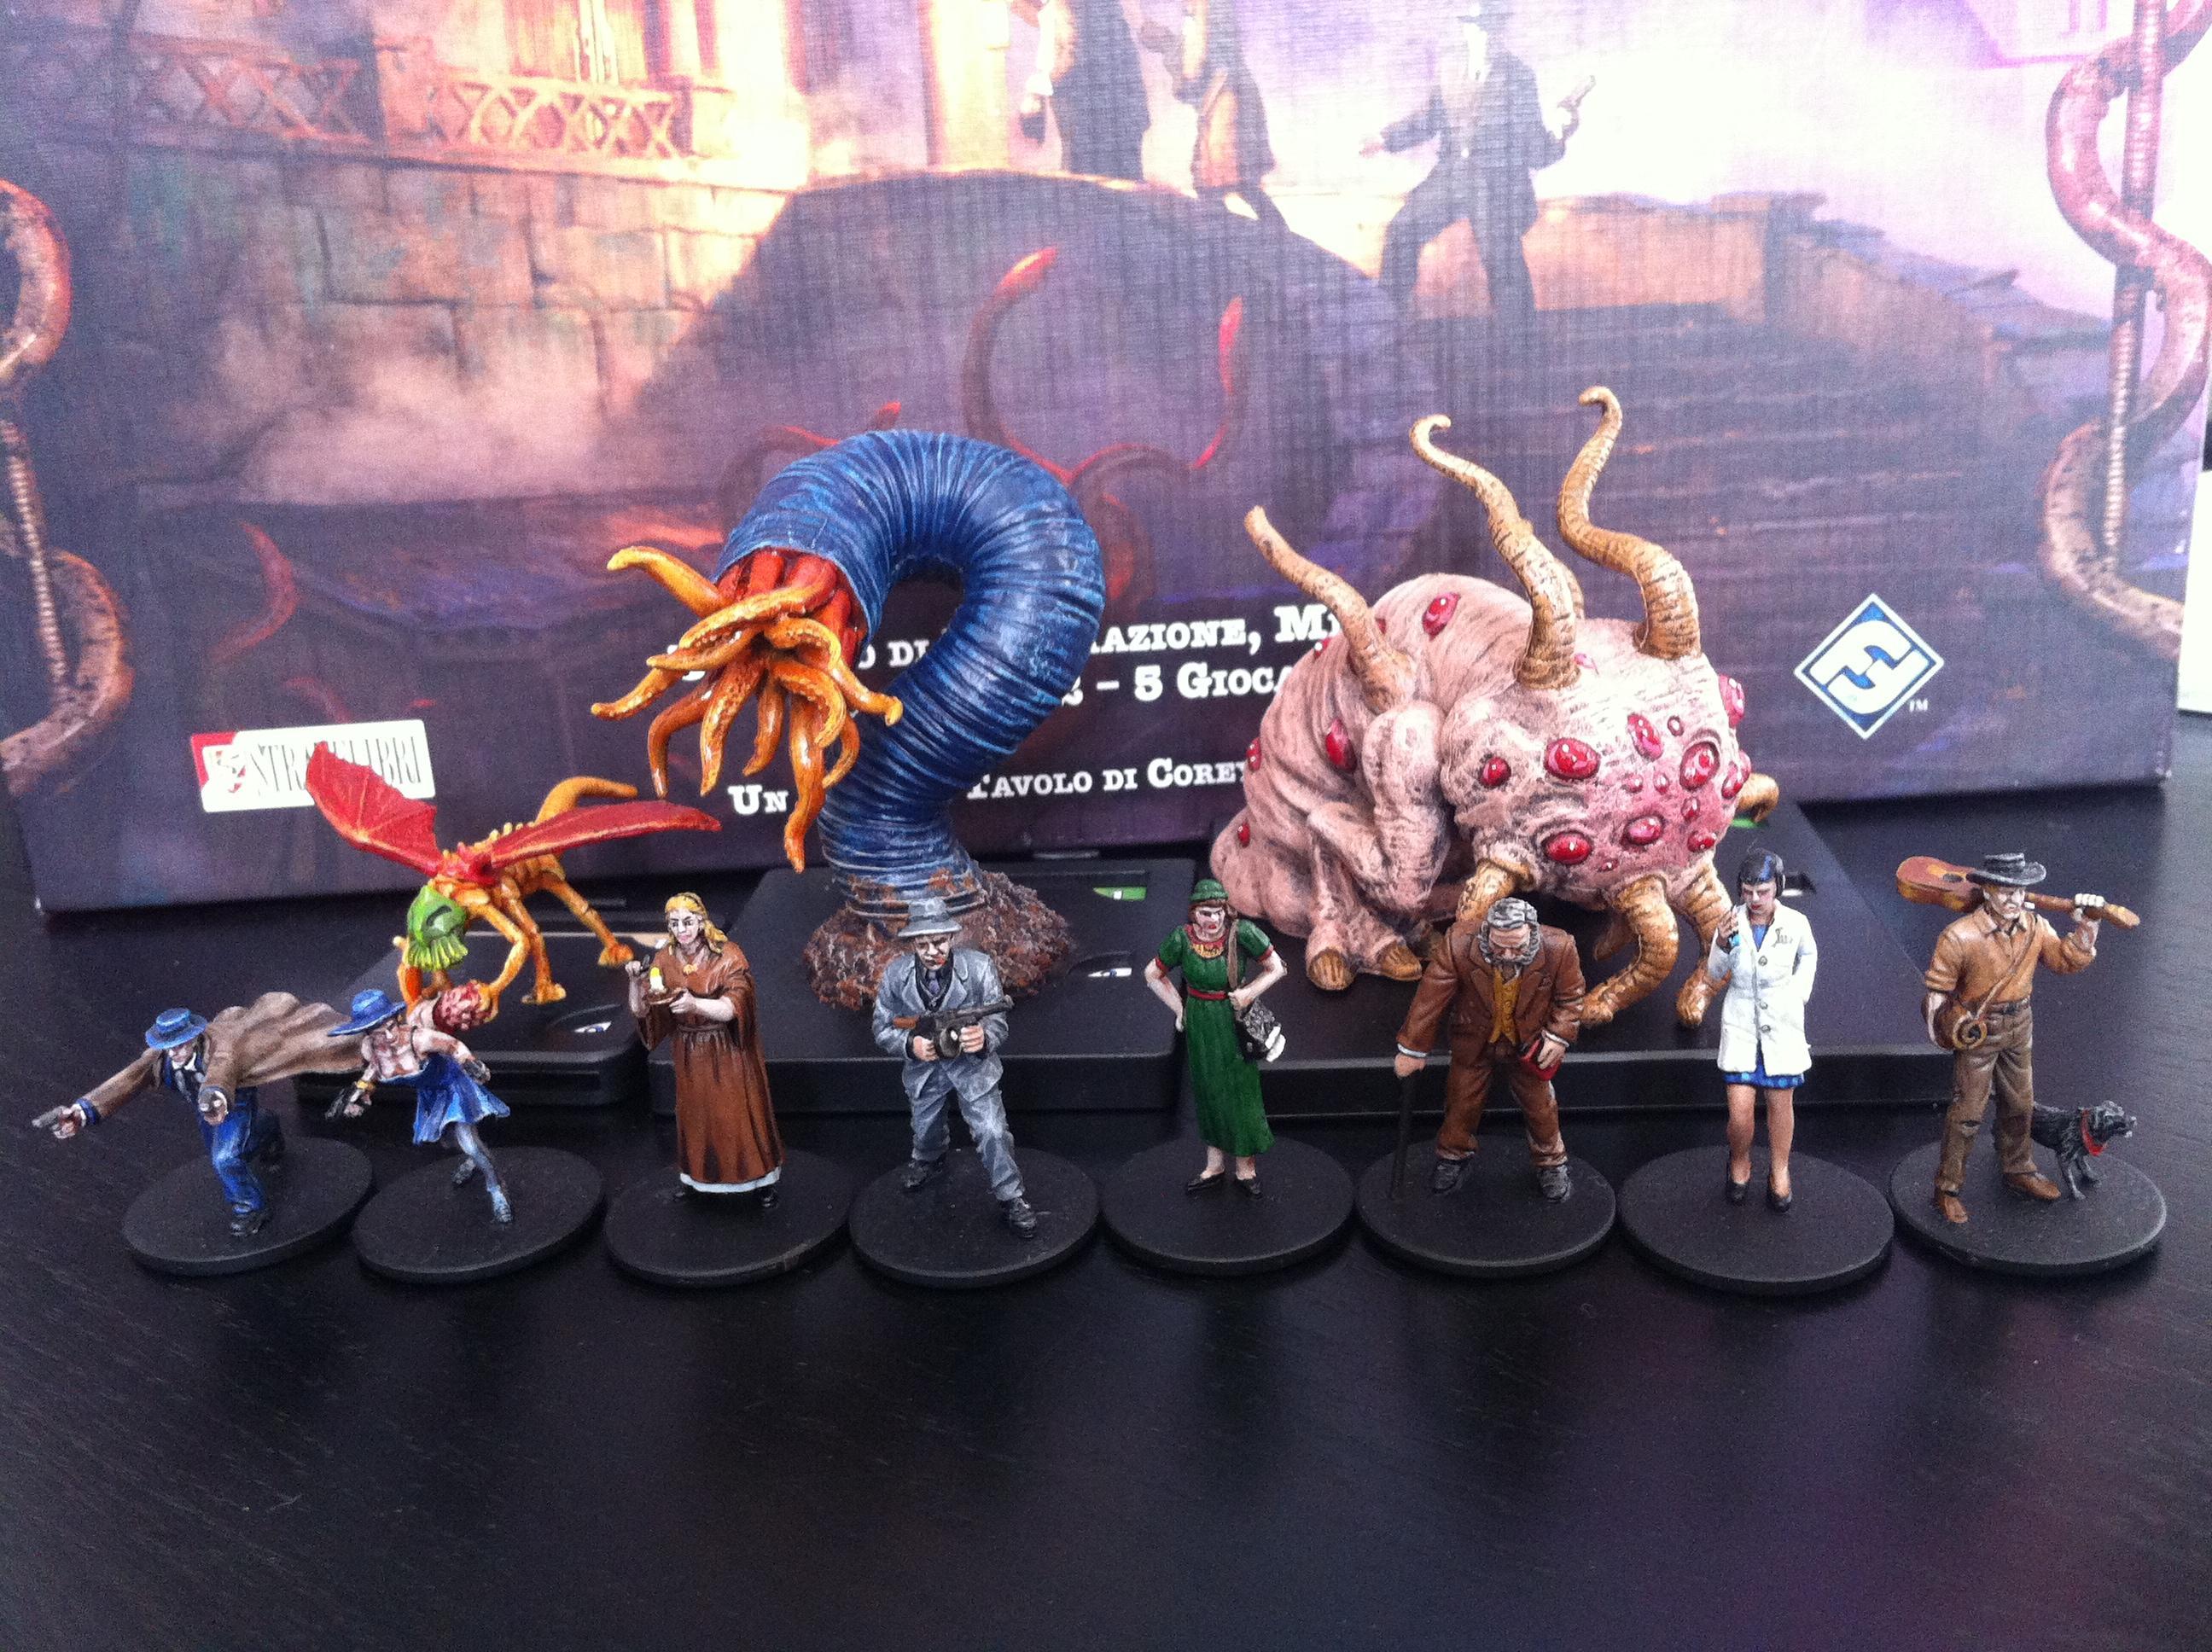 Board Game, Cthulhu, Investigatori, Investigators, Le Case Della Follia, Lovecraft, Mansion Of Madness, Monsters